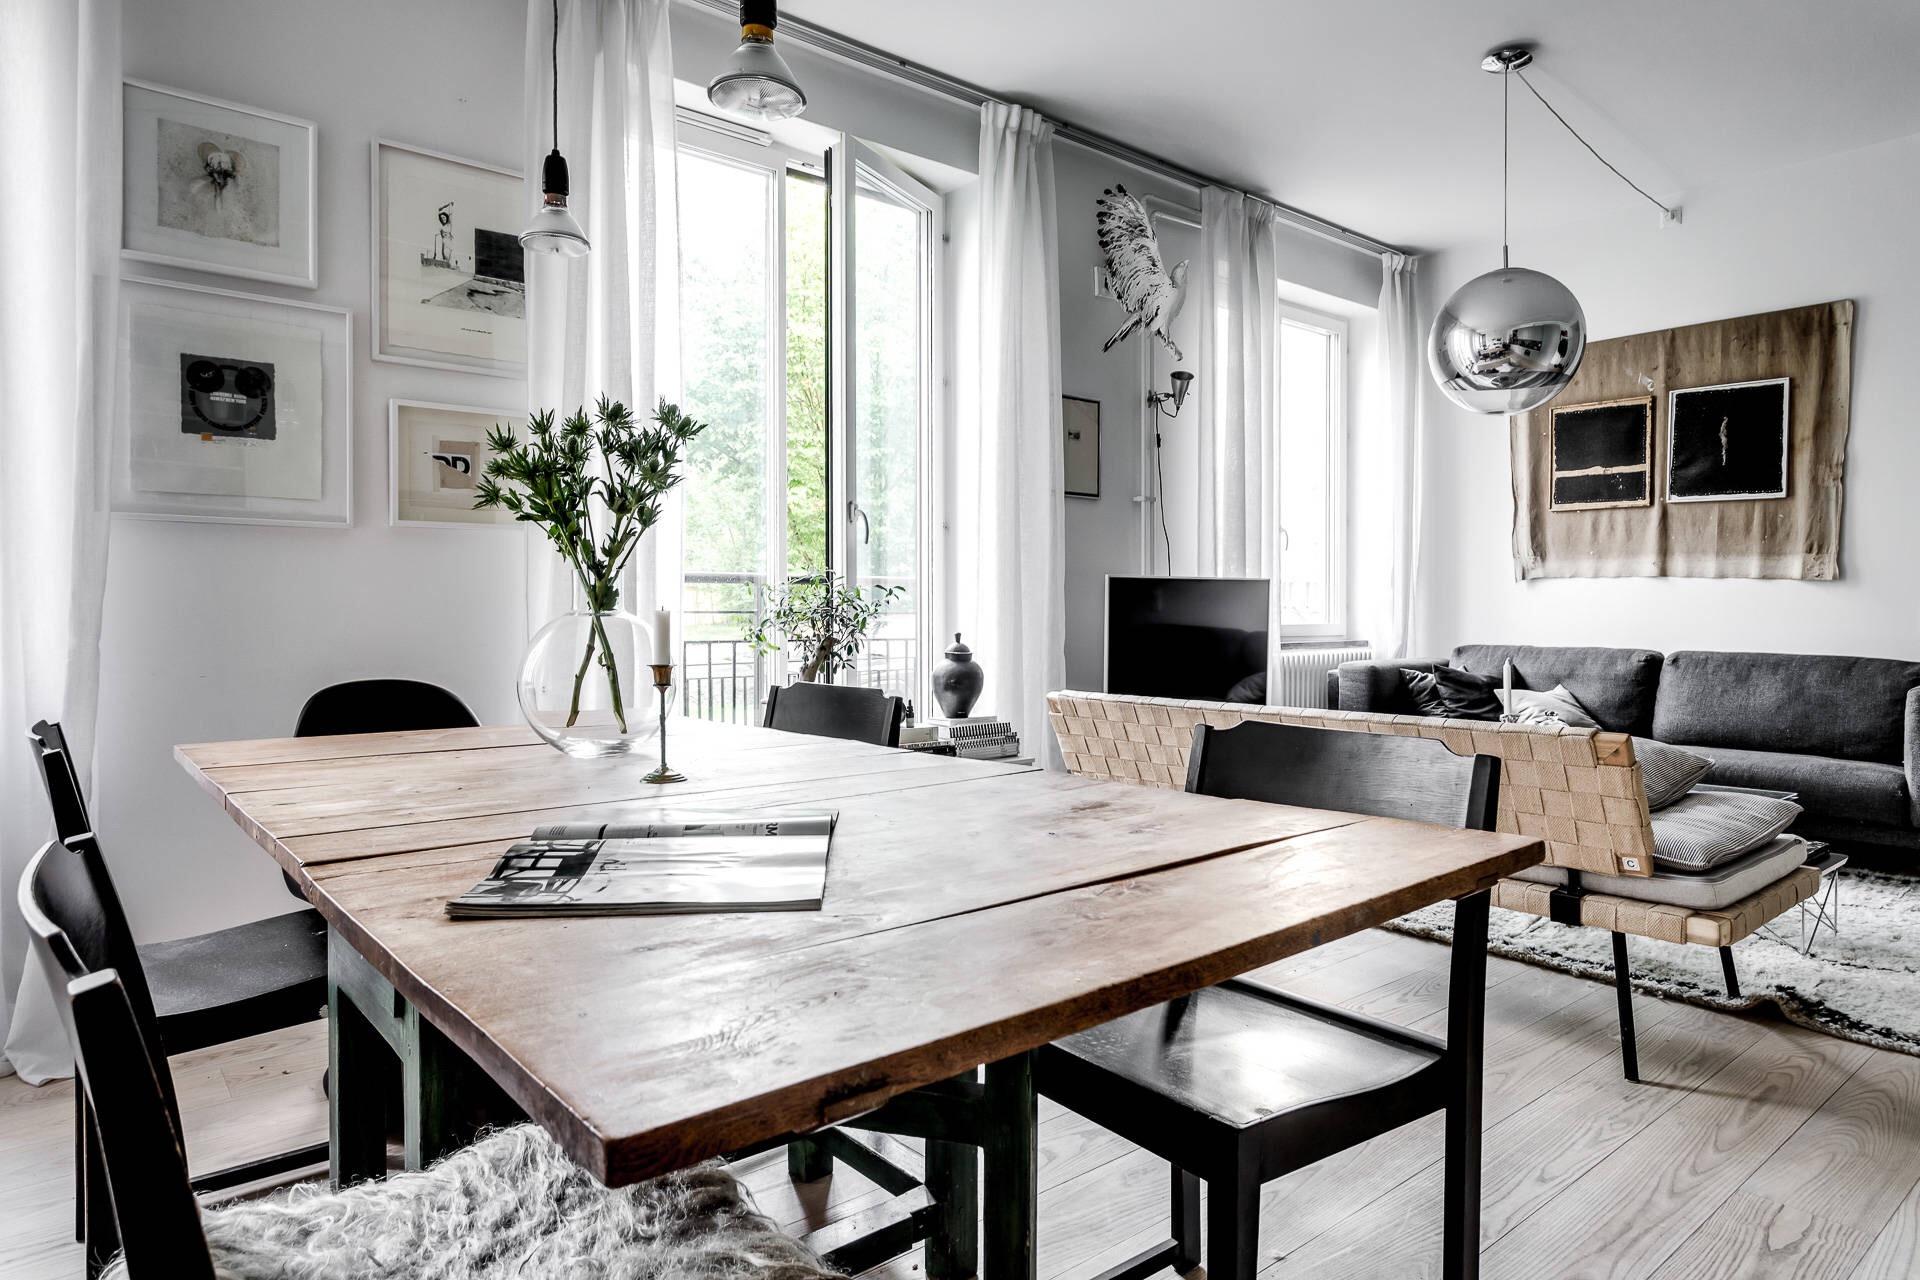 гостиная обеденный стол стулья окна